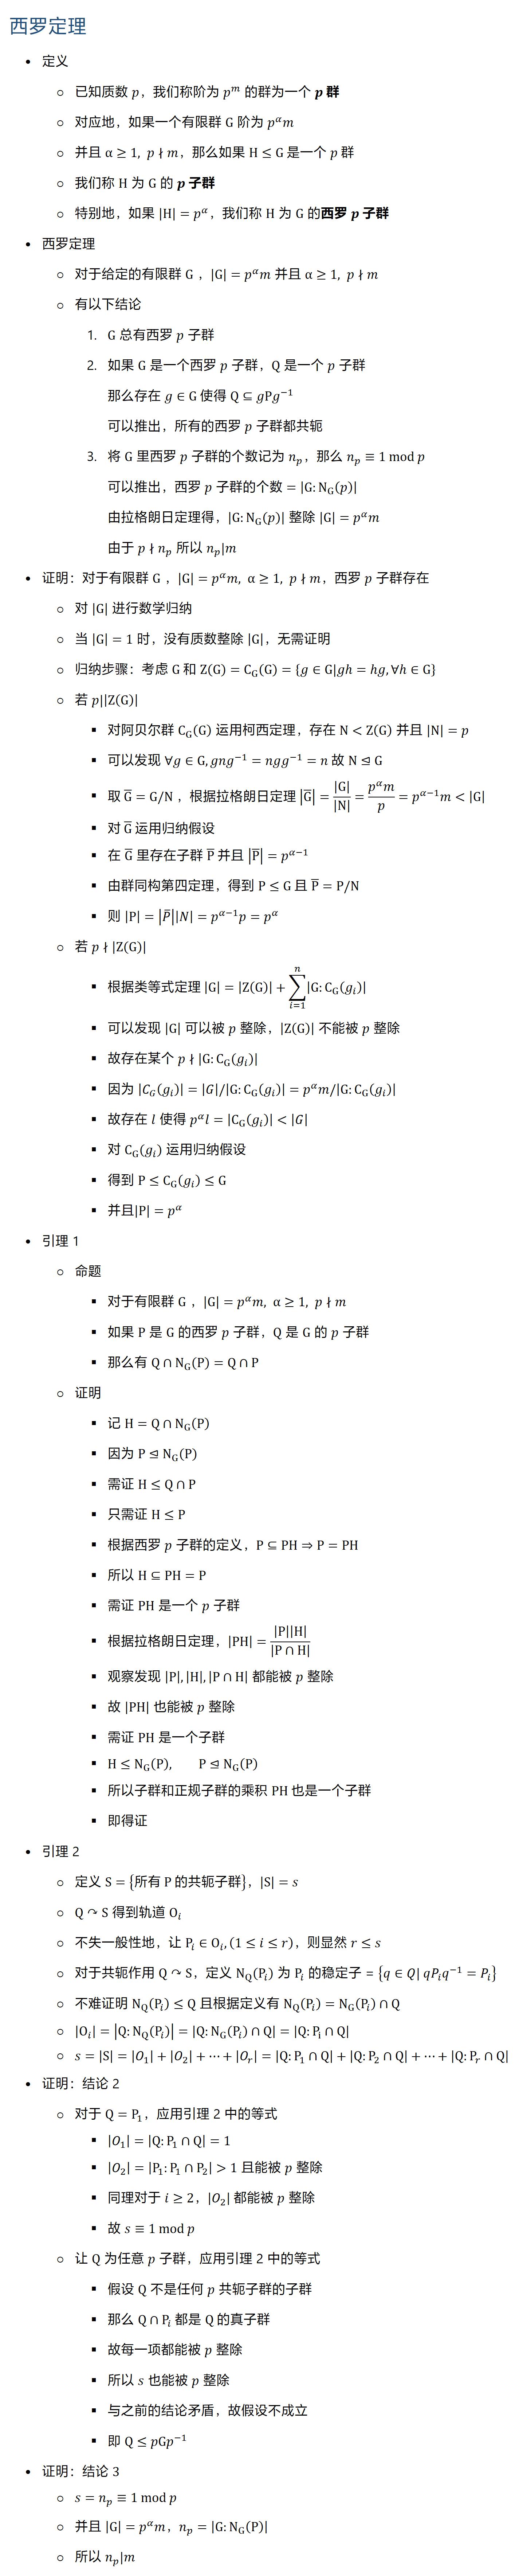 西罗定理 • 定义 ○ 已知质数 p,我们称阶为 p^m 的群为一个 p 群 ○ 对应地,如果一个有限群 G 阶为 p^α m ○ 并且 α≥1, p∤m,那么如果 H≤G 是一个 p 群 ○ 我们称 H 为 G 的 p 子群 ○ 特别地,如果 |H|=p^α,我们称 H 为 G 的西罗 p 子群 • 西罗定理 ○ 对于给定的有限群 G ,|G|=p^α m 并且 α≥1, p∤m ○ 有以下结论 1. G 总有西罗 p 子群 2. 如果 G 是一个西罗 p 子群,Q 是一个 p 子群 那么存在 g∈G 使得 Q⊆〖gPg〗^(−1) 可以推出,所有的西罗 p 子群都共轭 3. 将 G 里西罗 p 子群的个数记为 n_p,那么 n_p≡1 mod p 可以推出,西罗 p 子群的个数 =|G:N_G (p)| 由拉格朗日定理得,|G:N_G (p)| 整除 |G|=p^α m 由于 p∤n_p 所以 n_p |m • 证明:对于有限群 G ,|G|=p^α m, α≥1, p∤m,西罗 p 子群存在 ○ 对 |G| 进行数学归纳 ○ 当 |G|=1 时,没有质数整除 |G|,无需证明 ○ 归纳步骤:考虑 G 和 Z(G)=C_G (G)={g∈G|ghh�, ∀hG} ○ 若 p||Z(G)| § 对阿贝尔群 C_G (G) 运用柯西定理,存在 NZ(G) 并且 |N|=p § 可以发现 ∀g∈G, 〖gng〗^(−1)=ngg^(−1)=n 故 N⊴G § 取 G ̅=G\/N § 对 G ̅ 运用归纳假设 § 在 G ̅ 里存在子群 P ̅ 并且 |P ̅ |=p^(α−1) § 由群同构第四定理,得到 P≤G 且 P ̅=P\/N § 则 |P|=|P ̅ ||N|=p^(α−1) p=p^α ○ 若 p∤|Z(G)| § 根据类等式定理 |G|=|Z(G)|+∑_(i=1)^n▒|G:C_G (g_i )| § 可以发现 |G| 可以被 p 整除,|Z(G)| 不能被 p 整除 § 故存在某个 p∤|G:C_G (g_i )| § 因为 |C_G (g_i )|=|G|\/|G:C_G (g_i )|=p^α m/|G:C_G (g_i )| § 故存在 l 使得 p^α l=|C_G (g_i )||G| § 对 C_G (g_i ) 运用归纳假设 § 得到 P≤C_G (g_i )≤G § 并且|P|=p^α • 引理 1 ○ 命题 § 对于有限群 G ,|G|=p^α m, α≥1, p∤m § 如果 P 是 G 的西罗 p 子群,Q 是 G 的 p 子群 § 那么有 Q∩N_G (P)=Q∩P ○ 证明 § 记 H=Q∩N_G (P) § 因为 P⊴N_G (P) § 需证 H≤Q∩P § 只需证 H≤P § 根据西罗 p 子群的定义,P⊆PH⇒P=PH § 所以 H⊆PH=P § 需证 PH 是一个 p 子群 § 根据拉格朗日定理,|PH|=|P||H|/|P∩H| § 观察发现 |P|,|H|,|P∩H| 都能被 p 整除 § 故 |PH| 也能被 p 整除 § 需证 PH 是一个子群 § H≤N_G (P), P⊴N_G (P) § 所以子群和正规子群的乘积 PH 也是一个子群 § 即得证 • 引理 2 ○ 定义 S={所有 P 的共轭子群}, ○ Q↷S 得到轨道 O_i ○ 不失一般性地,让 P_i∈O_i, (1≤i≤r),则显然 r≤s ○ 对于共轭作用 Q↷S,定义 N_Q (P_i ) 为 P_i 的稳定子 ={q∈Q| qP_i q^(−1)=P_i } ○ 不难证明 N_Q (P_i )≤Q 且根据定义有 N_Q (P_i )=N_G (P_i )∩Q ○ |O_i |=|Q:N_Q (P_i )|=|Q:N_G (P_i )∩Q|=|Q:P_i∩Q| ○ s=|S|=|O_1 |+|O_2 |+…+|O_r |=|Q:P_1∩Q|+|Q:P_2∩Q|+…+|Q:P_r∩Q| • 证明:结论 2 ○ 对于 Q=P_1,应用引理 2 中的等式 § |O_1 |=|Q:P_1∩Q|=1 § |O_2 |=|P_1:P_1∩P_2 |1 且能被 p 整除 § 同理对于 i≥2,|O_2 | 都能被 p 整除 § 故 s≡1 mod p ○ 让 Q 为任意 p 子群,应用引理 2 中的等式 § 假设 Q 不是任何 p 共轭子群的子群 § 那么 Q∩P_i 都是 Q 的真子群 § 故每一项都能被 p 整除 § 所以 s 也能被 p 整除 § 与之前的结论矛盾,故假设不成立 § 即 Q≤〖pGp〗^(−1) • 证明:结论 3 ○ s=n_p≡1 mod p ○ 并且 |G|=p^α m,n_p=|G: